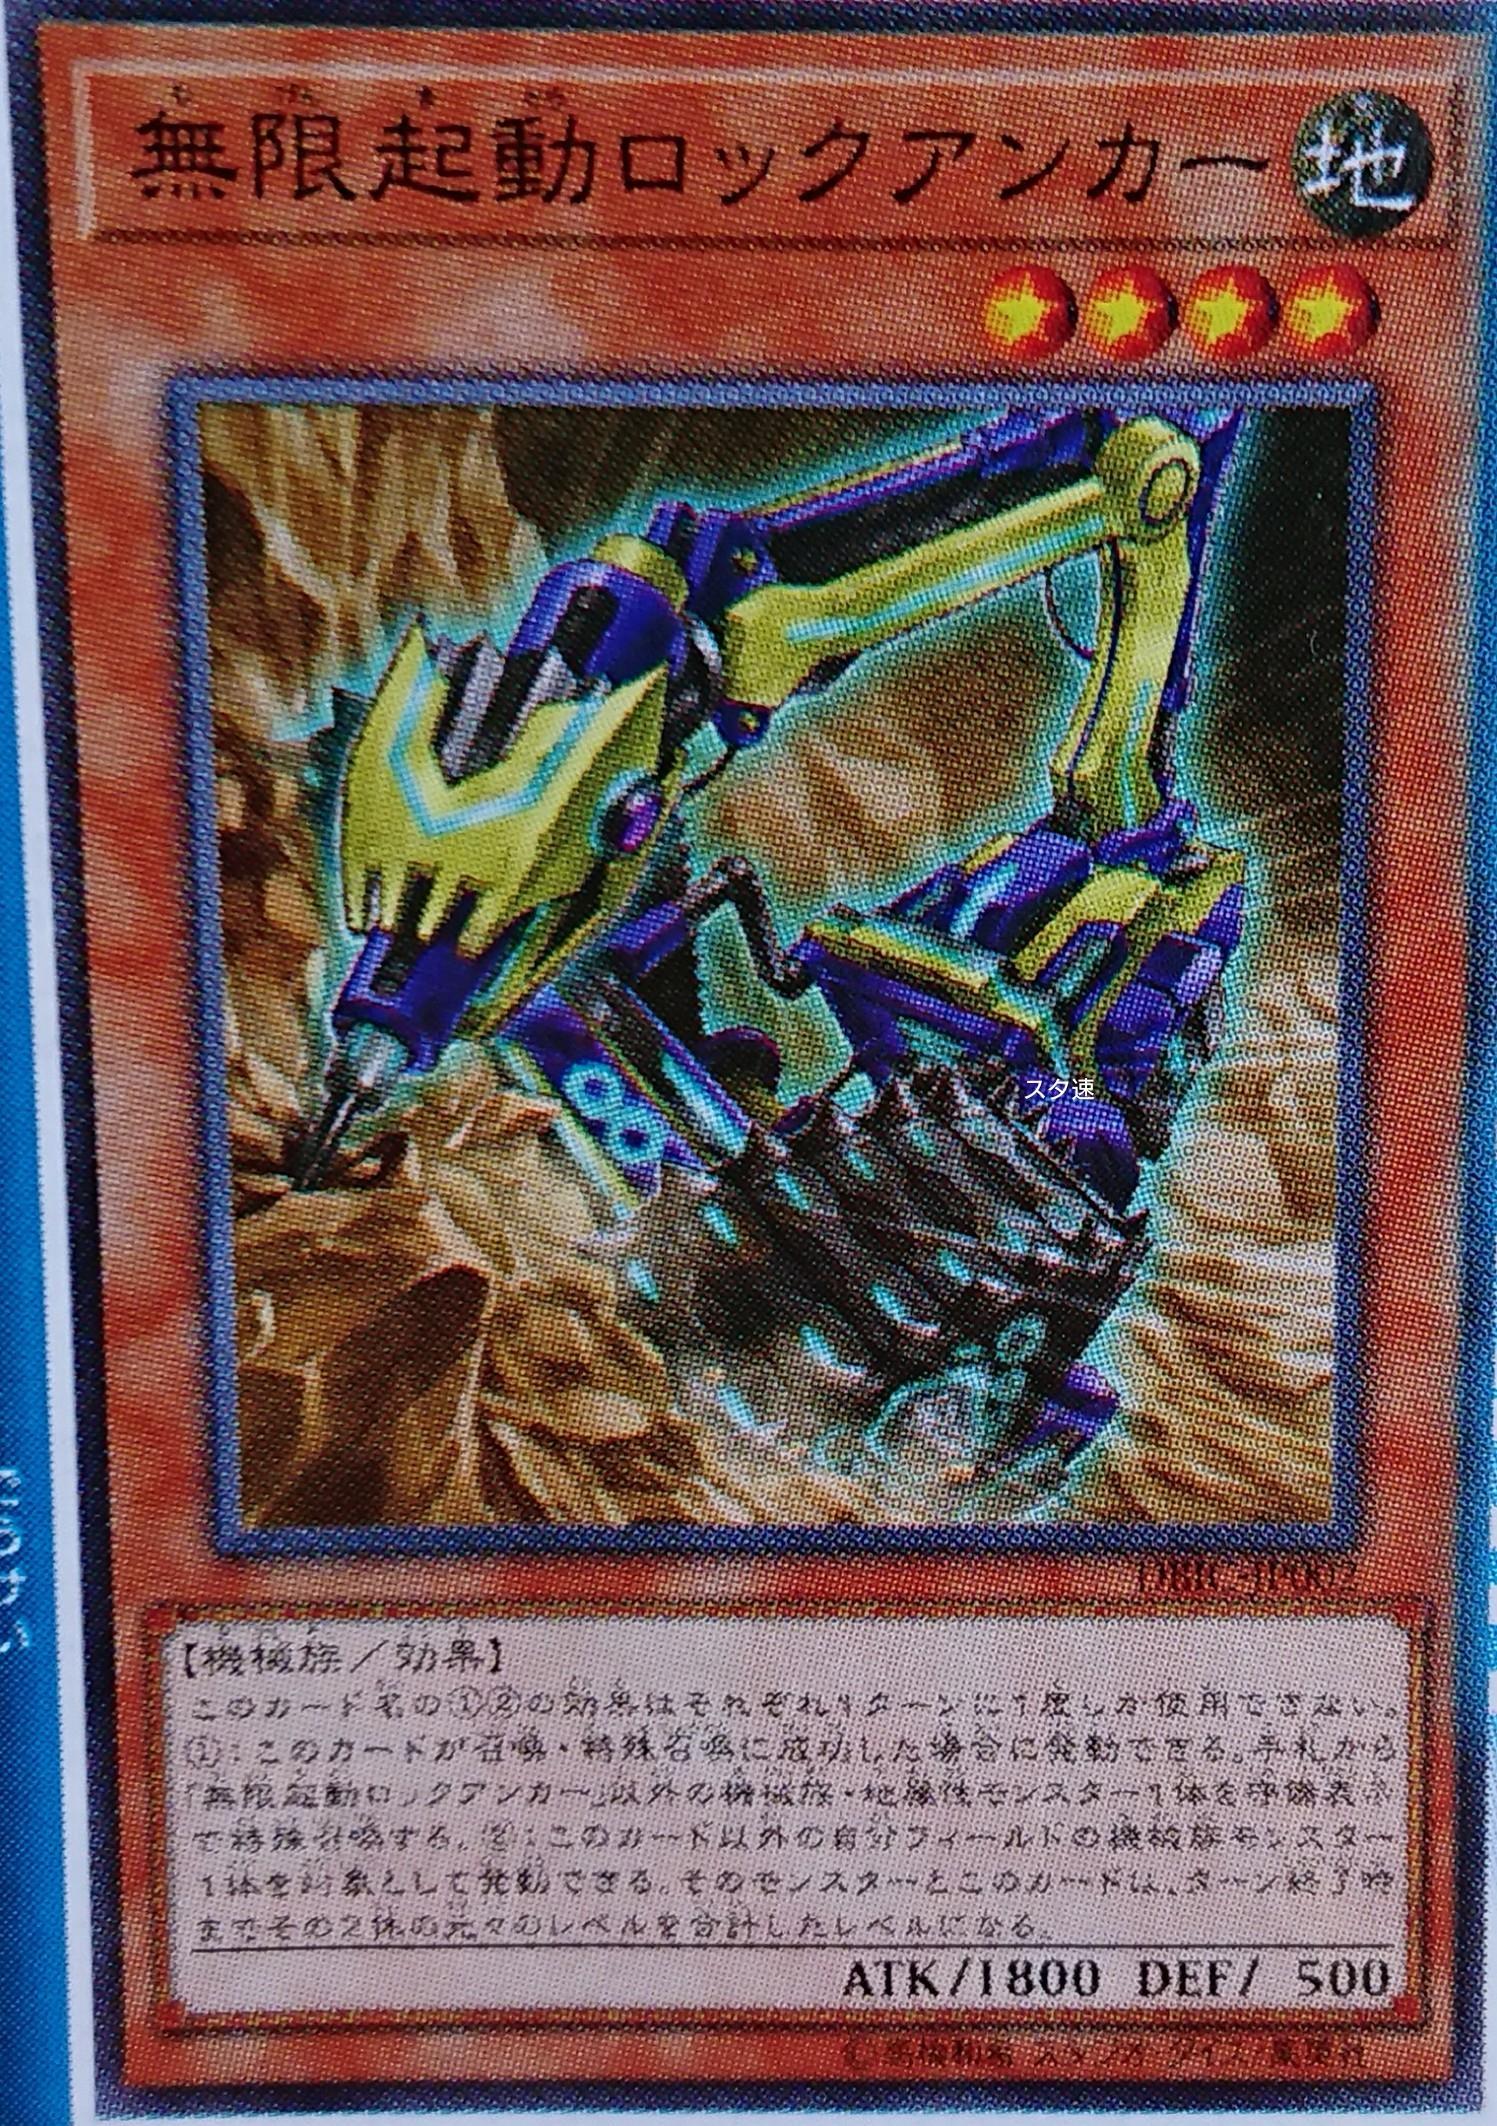 Νέες Κυκλοφορίες στο Yu-Gi-Oh! OCG - Σελίδα 39 2d5c30d3